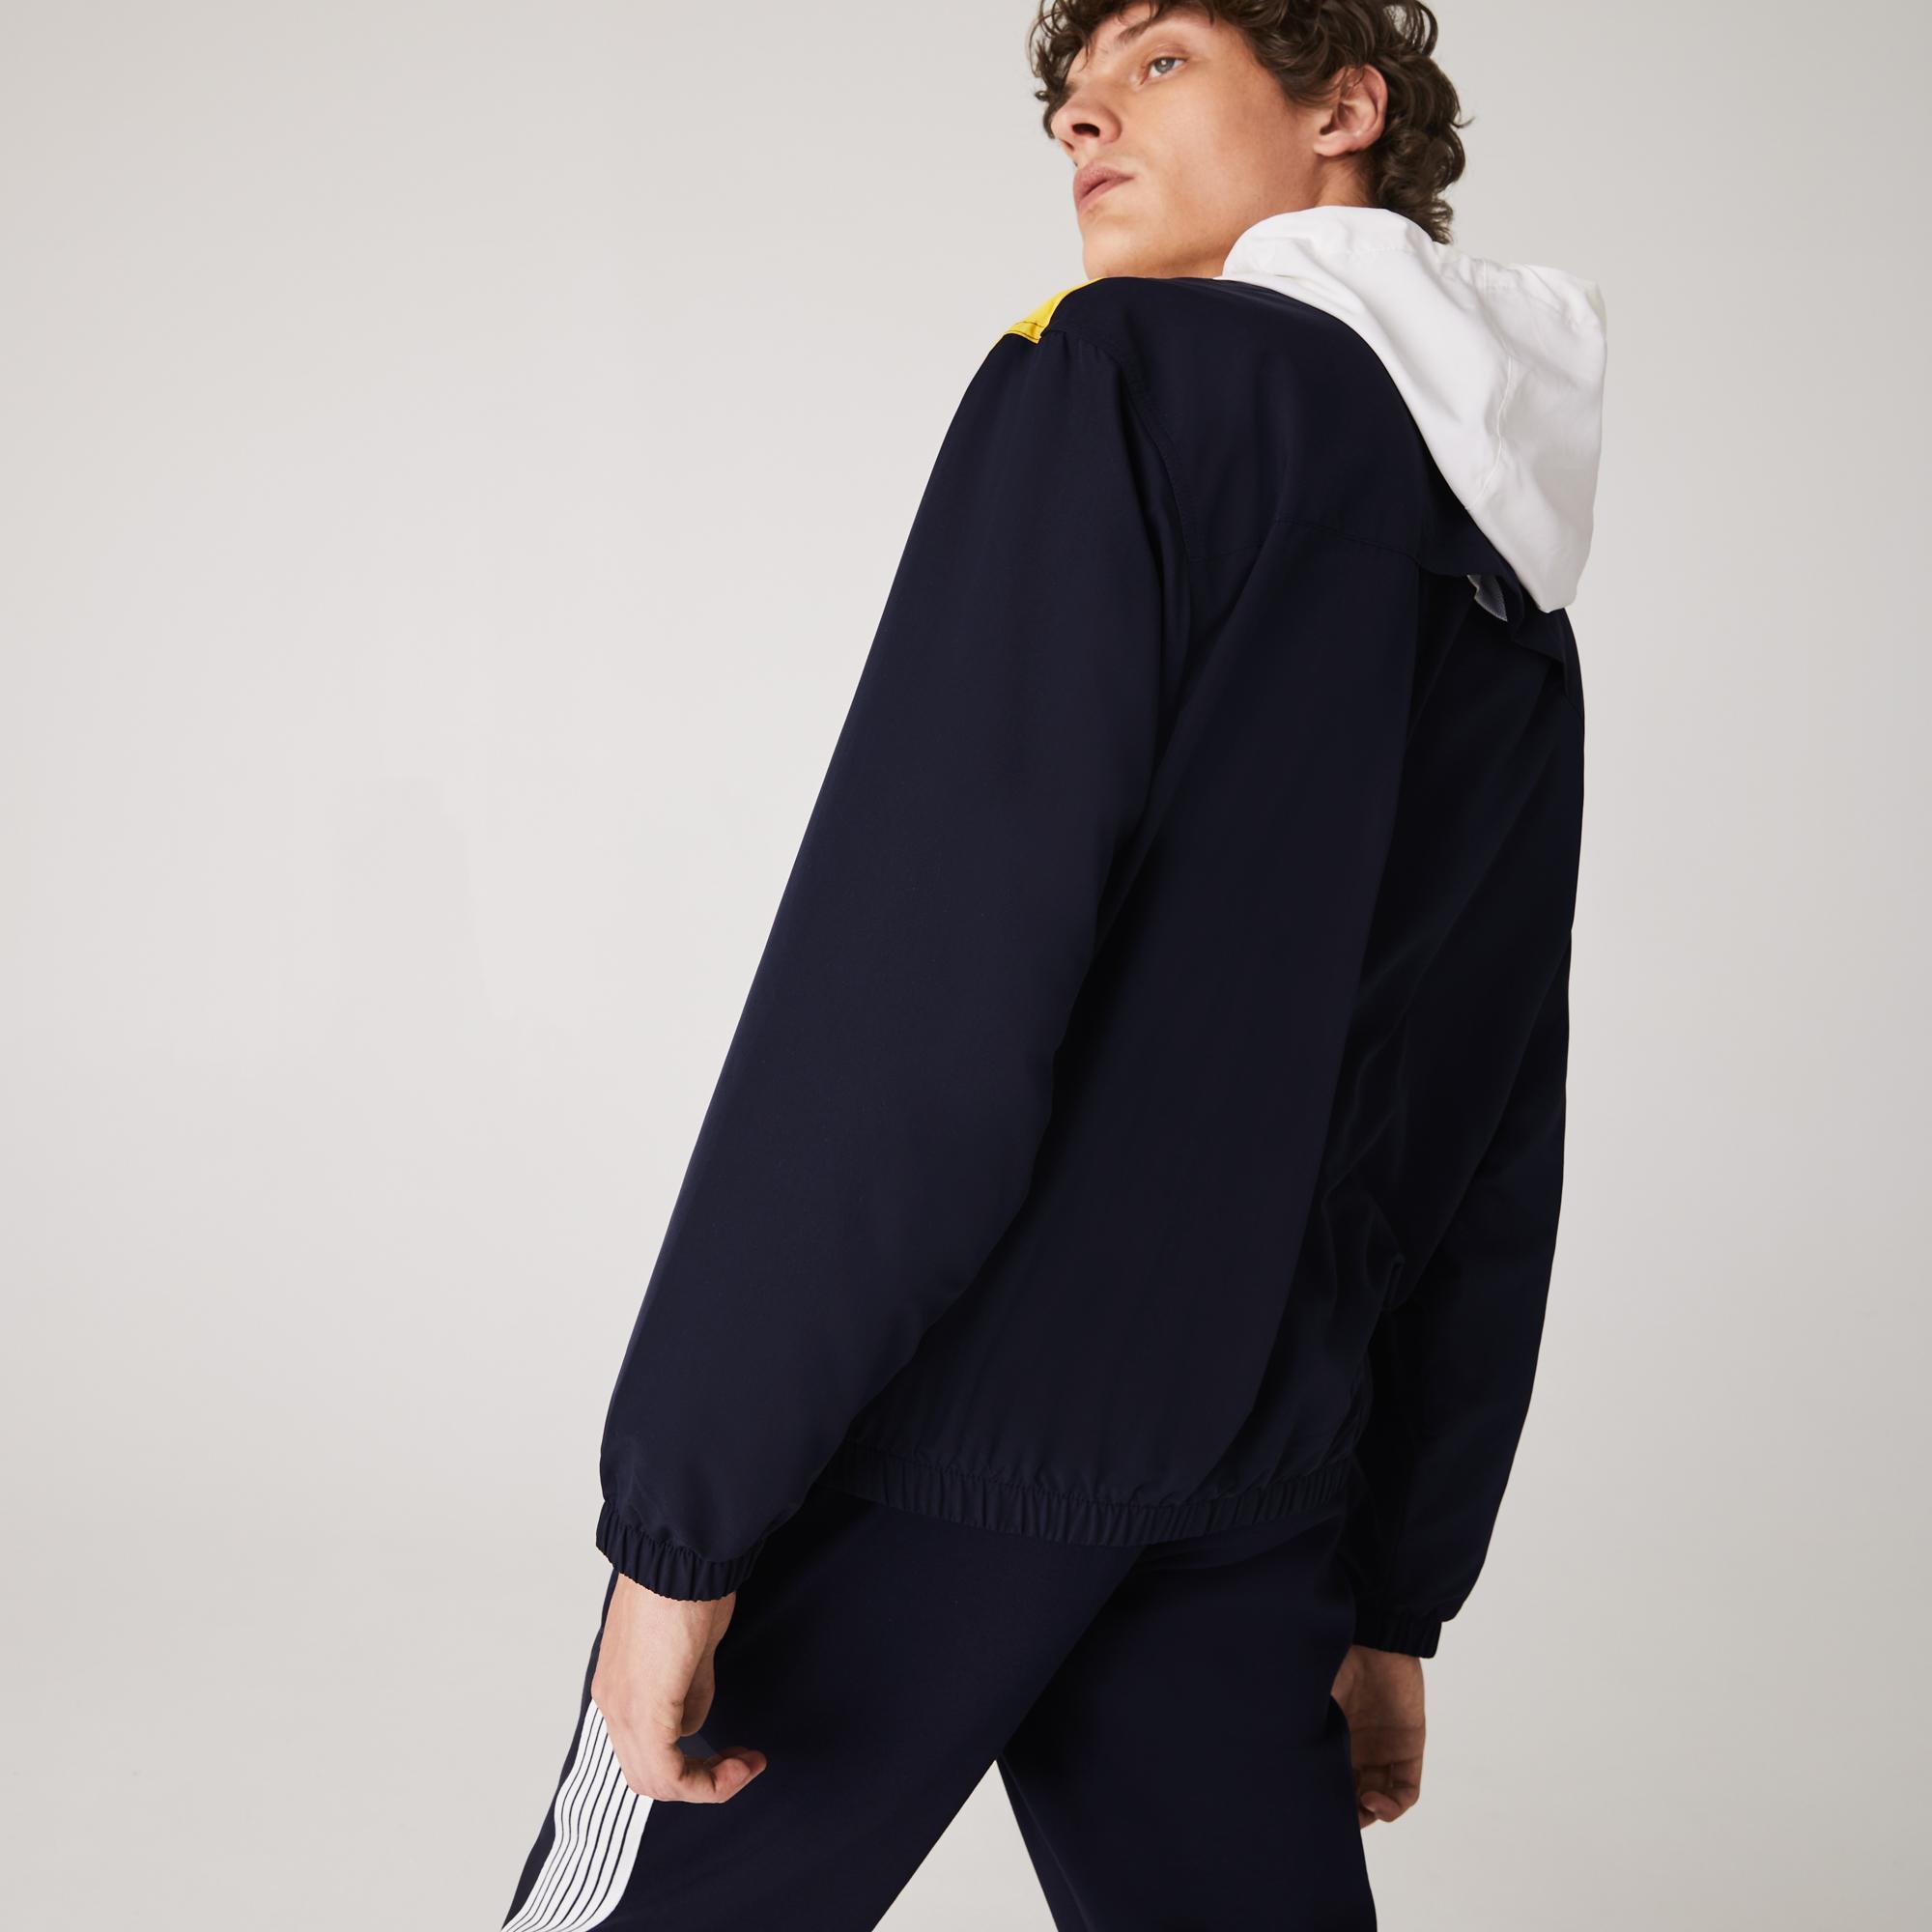 Lacoste Erkek Blok Desenli Kapüşonlu Renkli Ceket